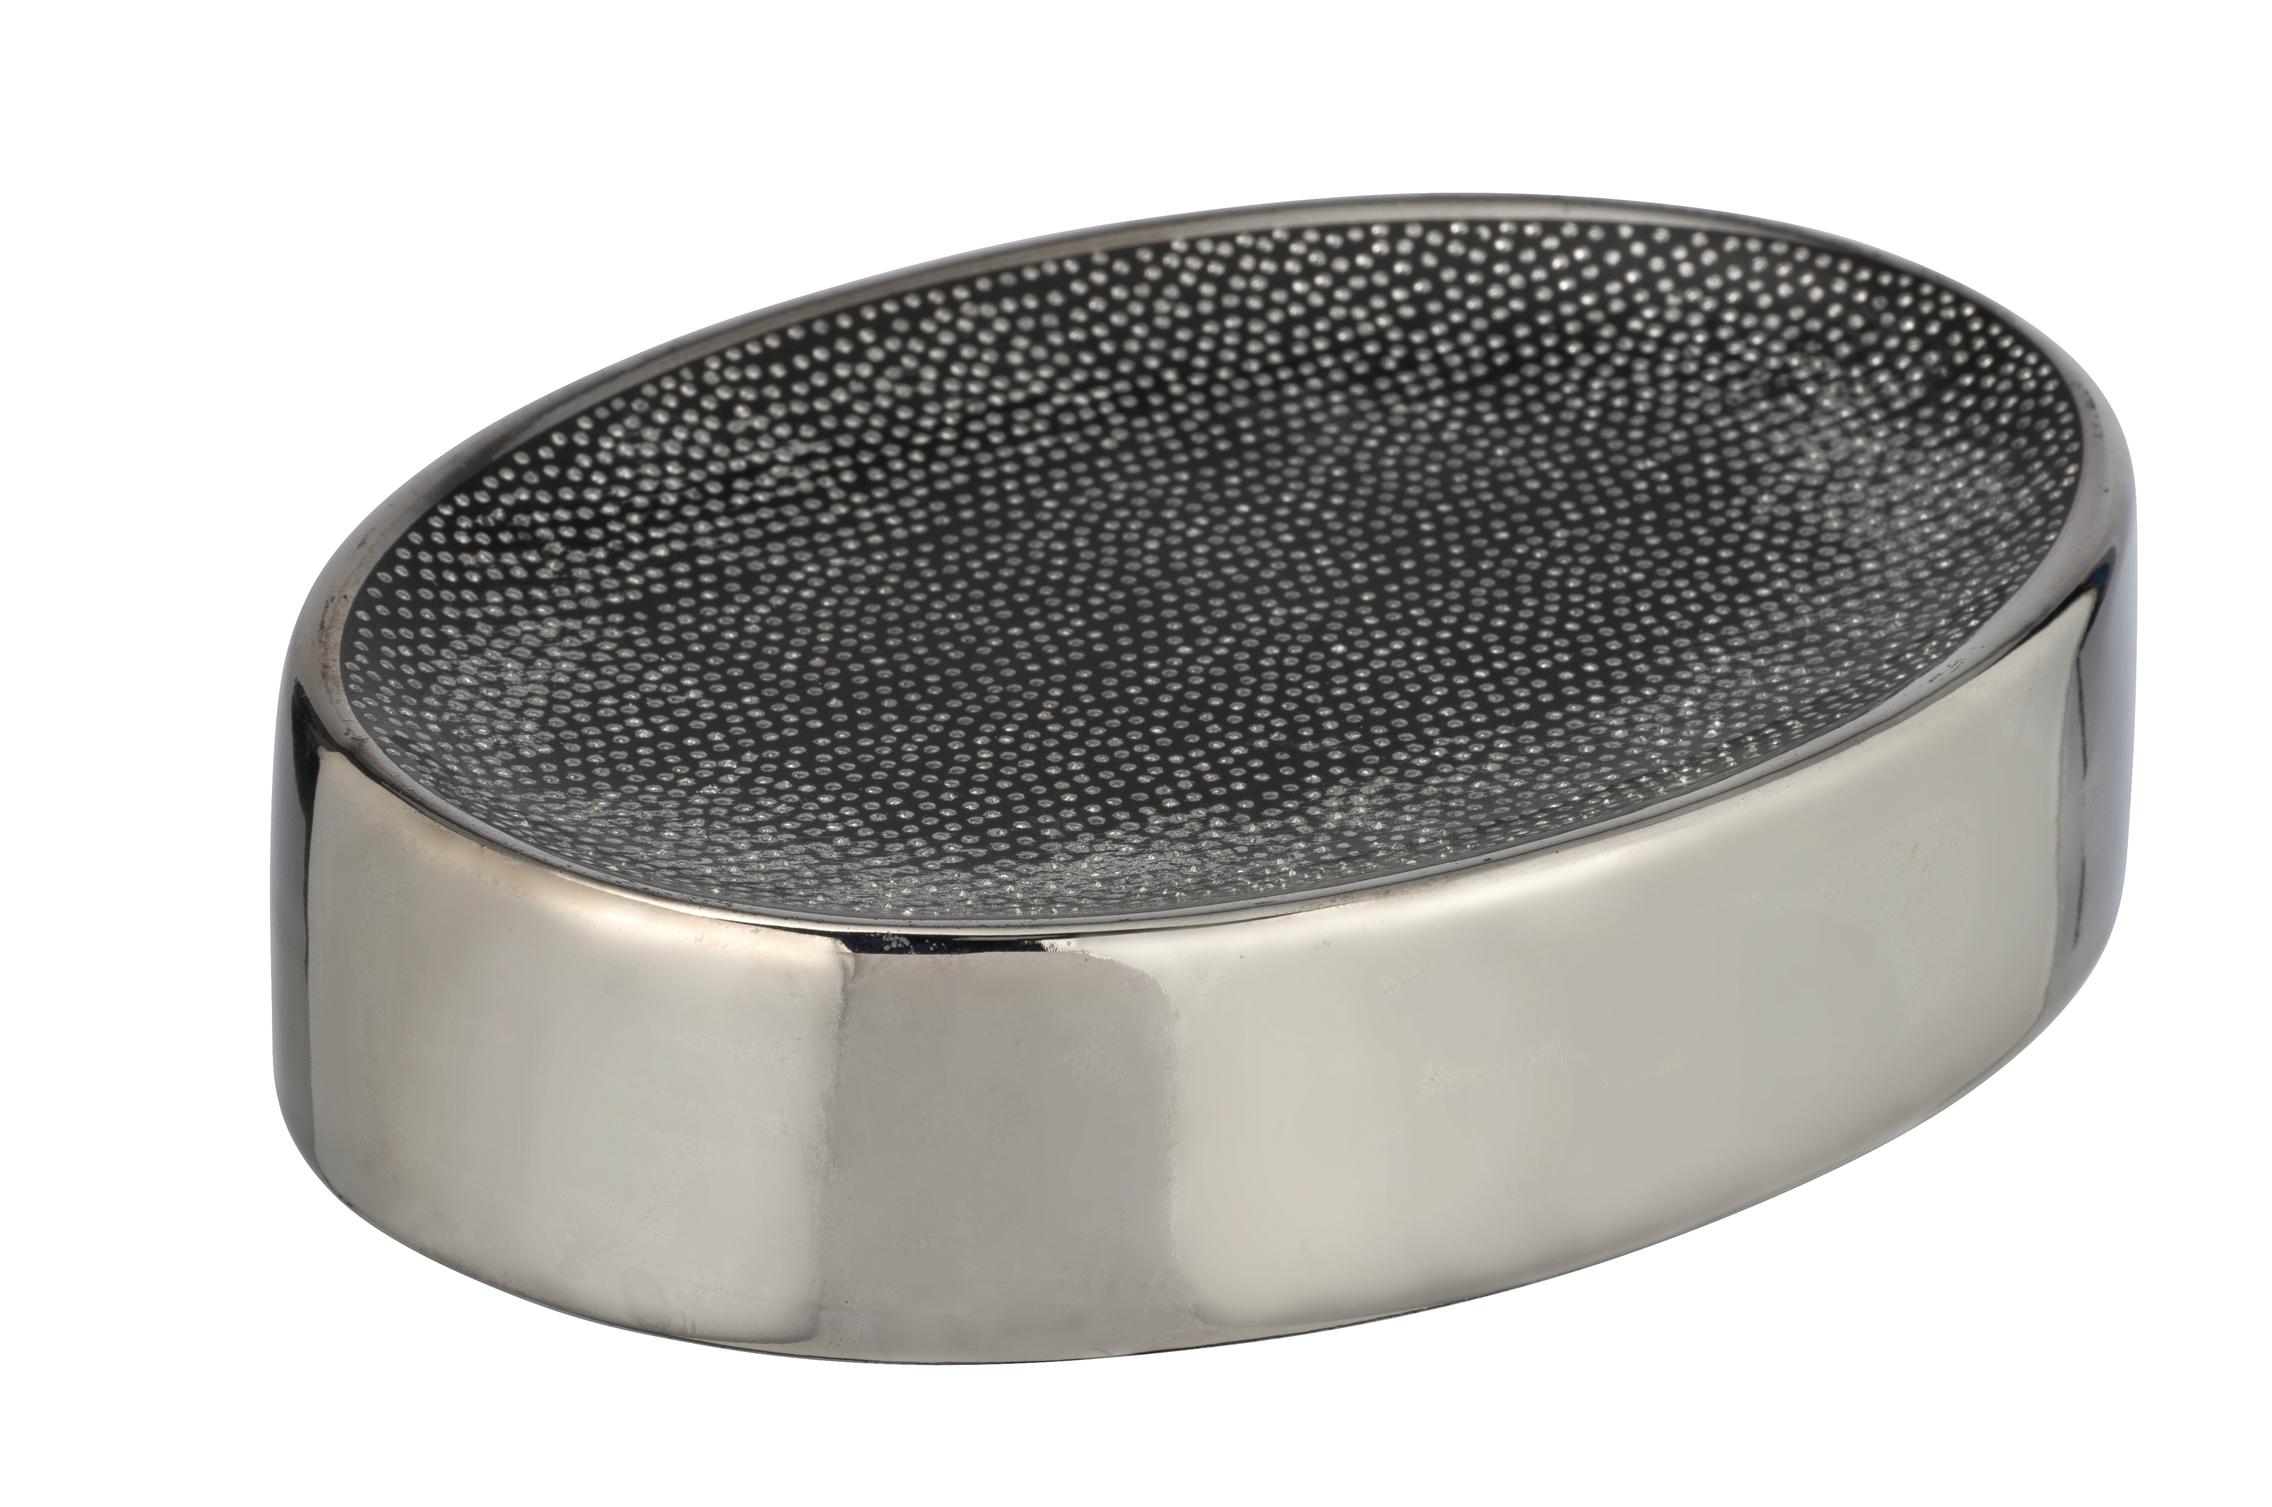 Sapuniera din ceramica Nuria Argintiu / Antracit, L12xl8xH3 cm imagine